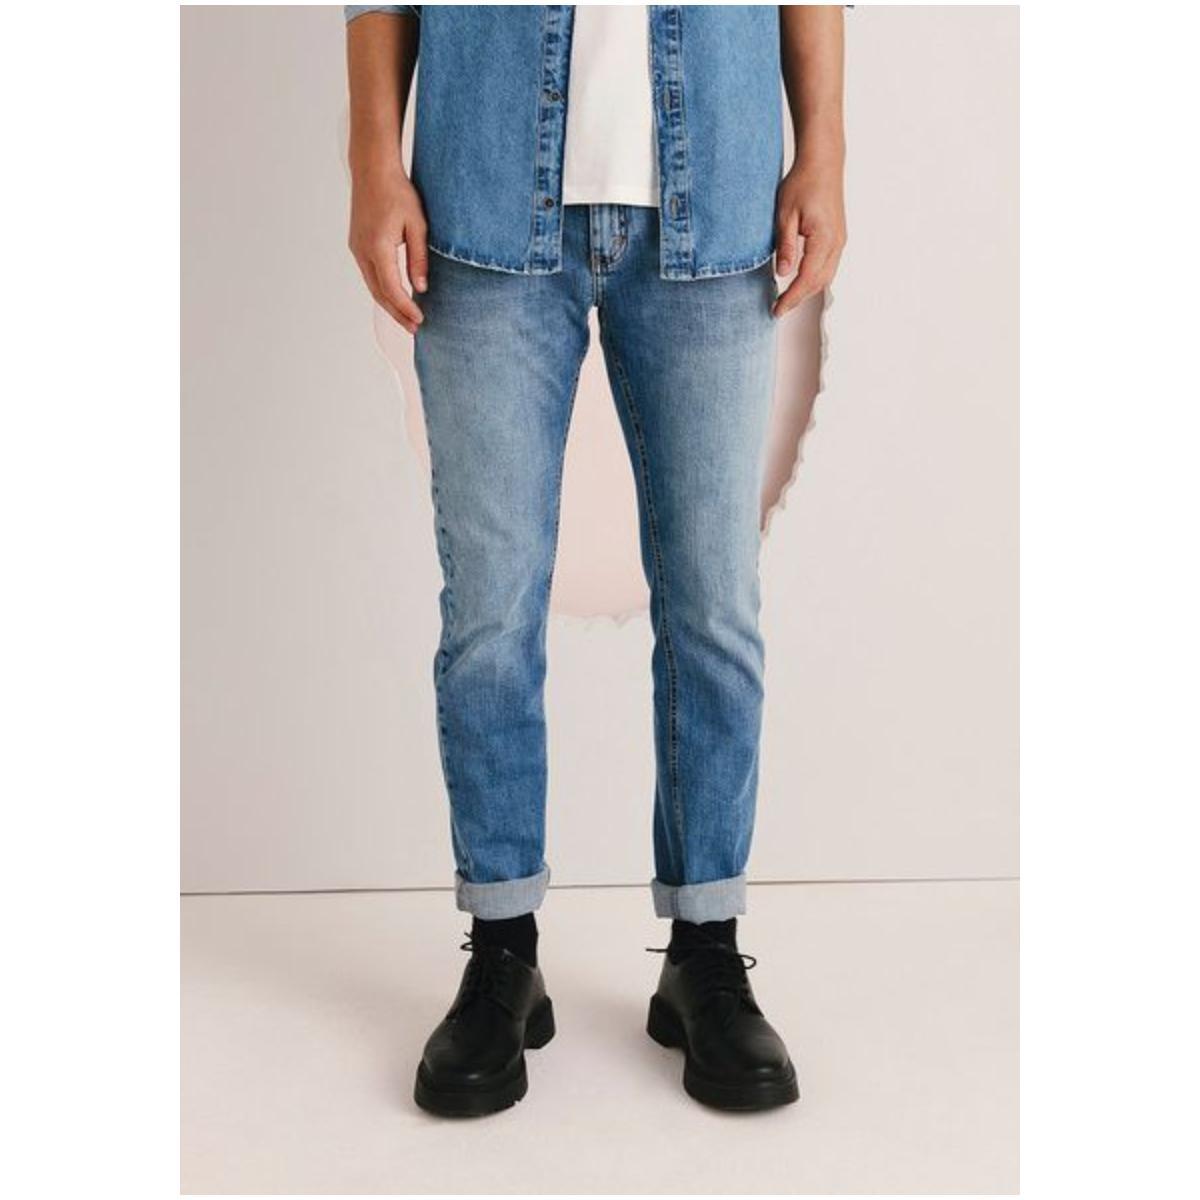 Calça Masculina Dzarm Zuak 1bsn  Jeans